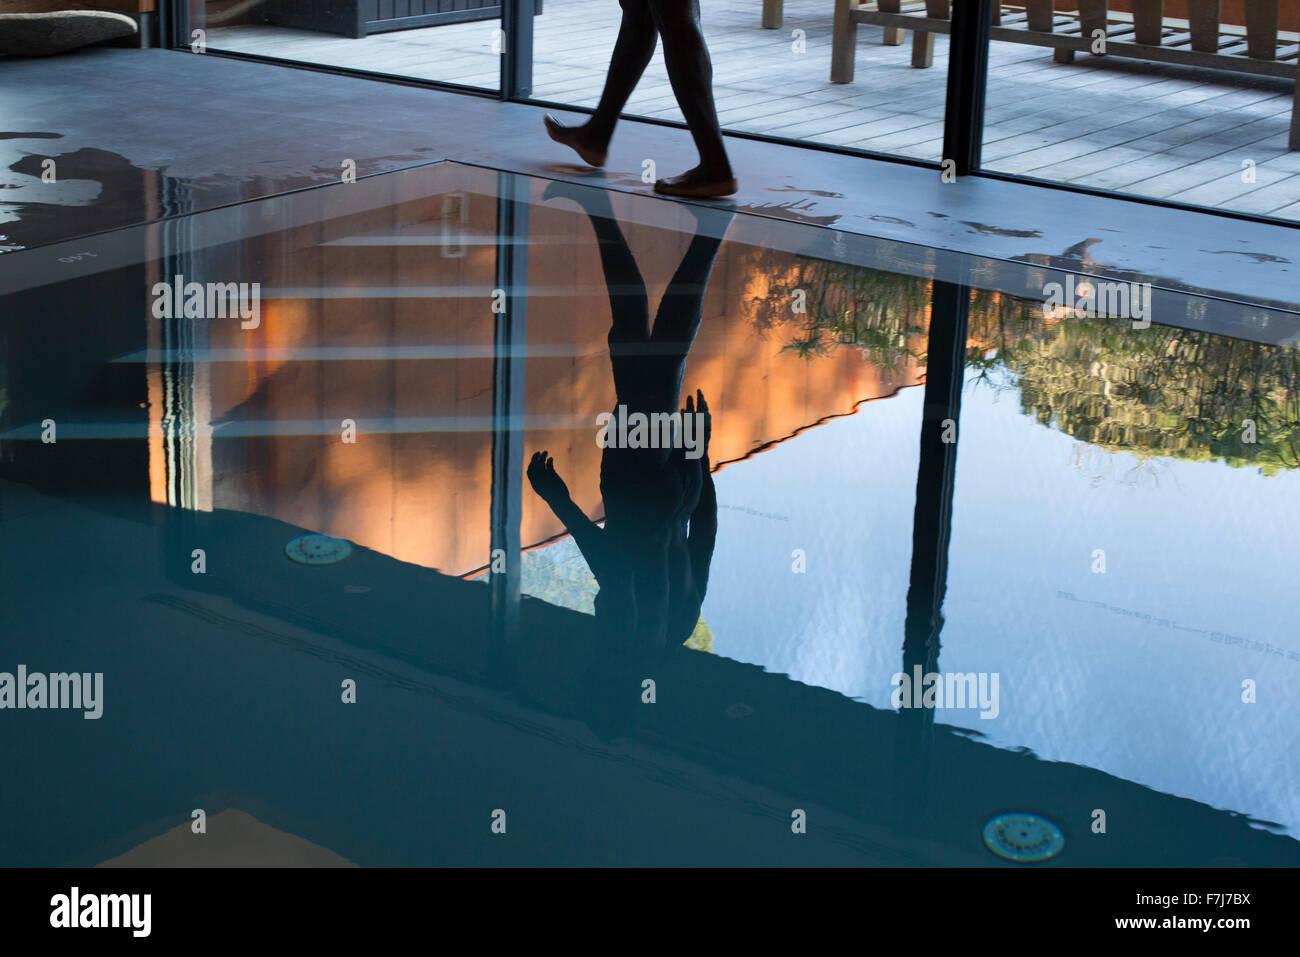 Mann zu Fuß neben Pool, Wasser spiegeln Stockbild